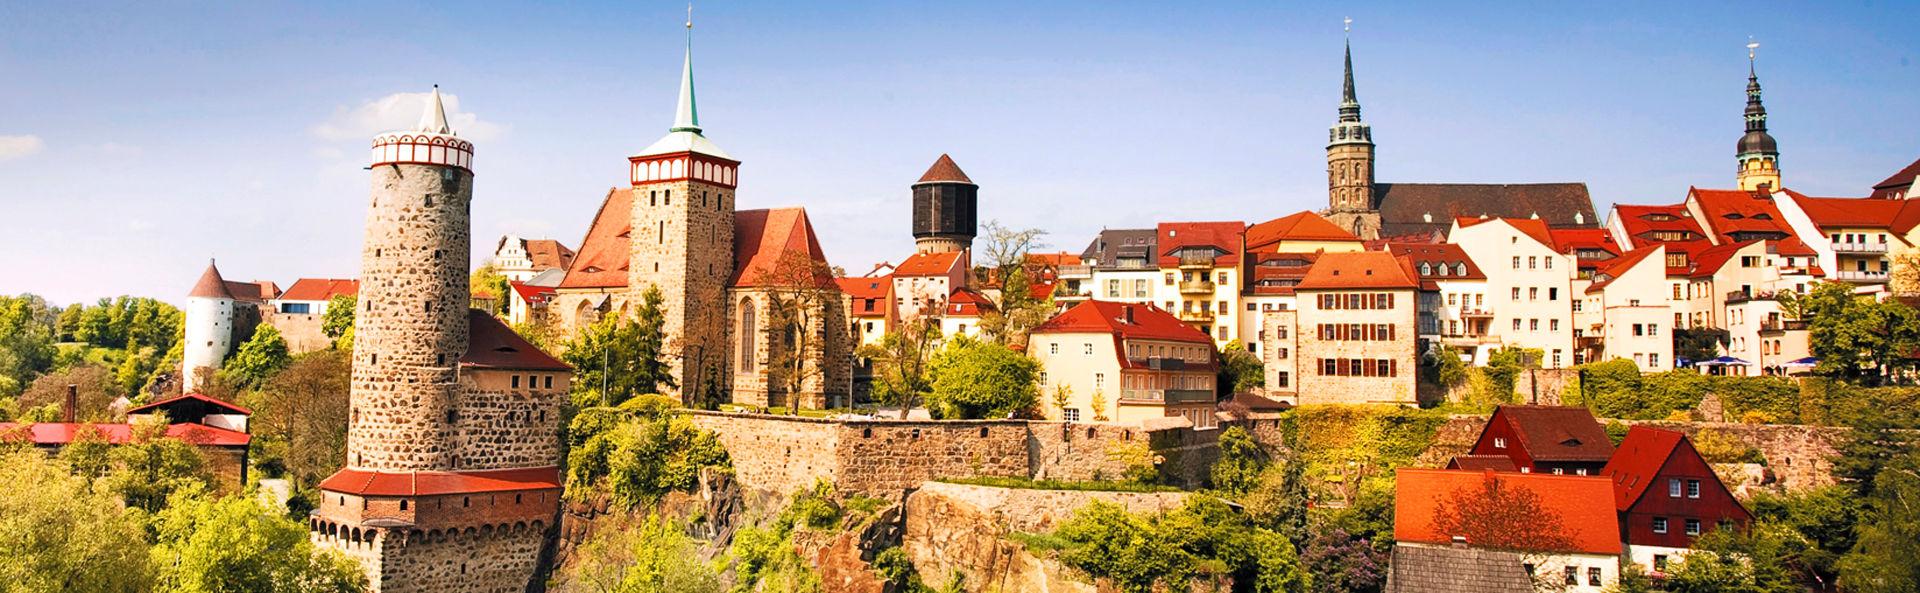 Altstadtpanorama Bautzen  © TMGS - Fouad Vollmer Werbeagentur